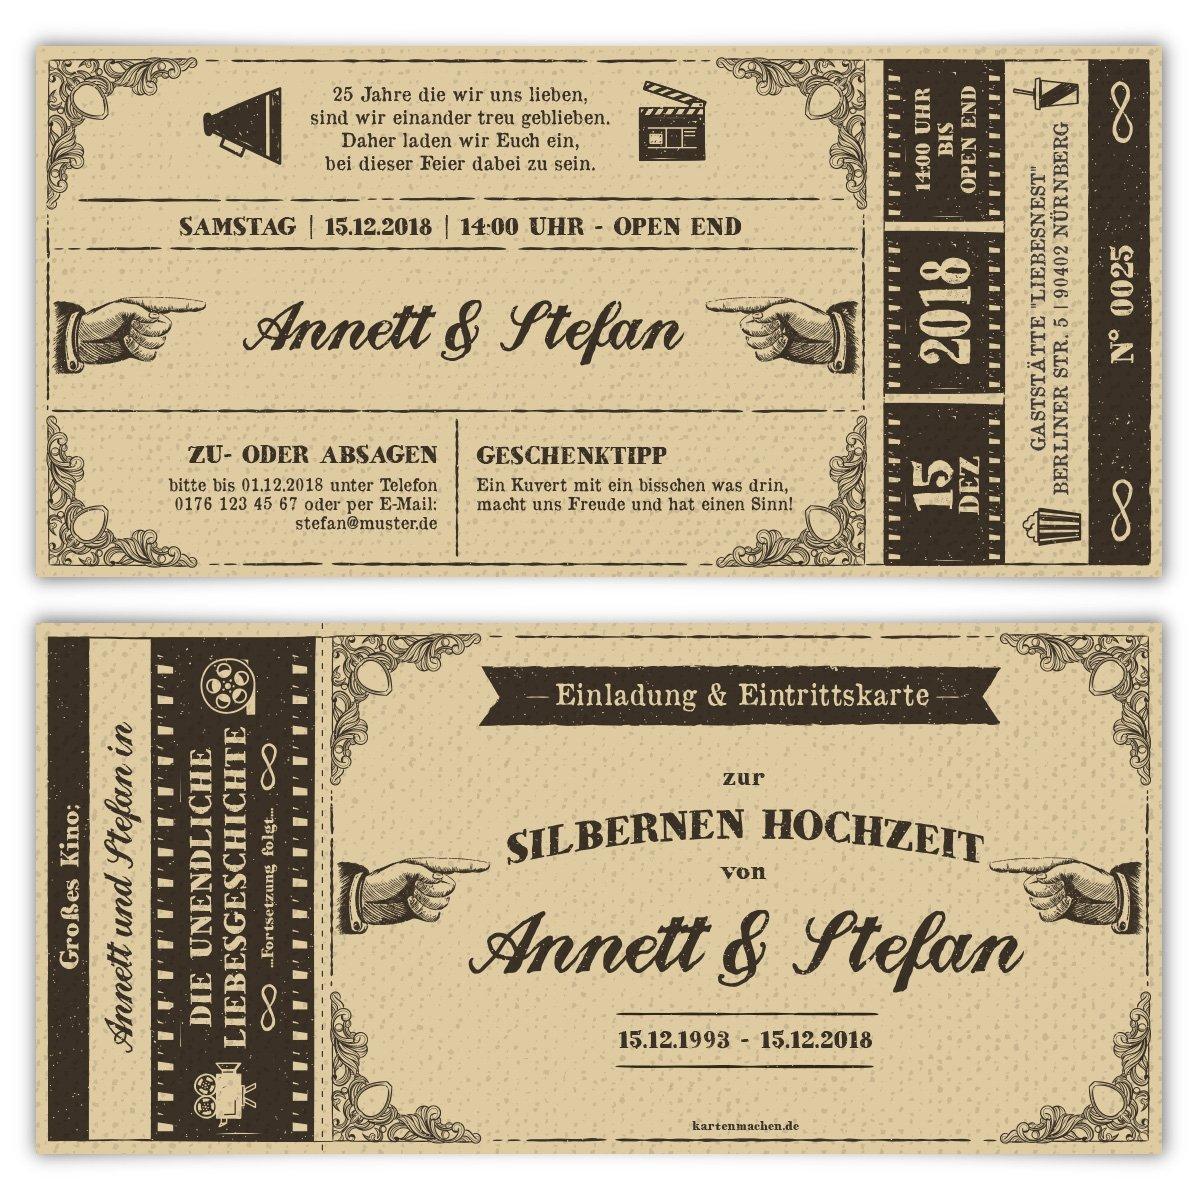 100 x Hochzeitseinladungen Goldhochzeit Goldene Hochzeit Einladung - Vintage Kinoticket B07G2M9FY1 | Professionelles Design  | Deutschland Store  | Hochwertige Materialien